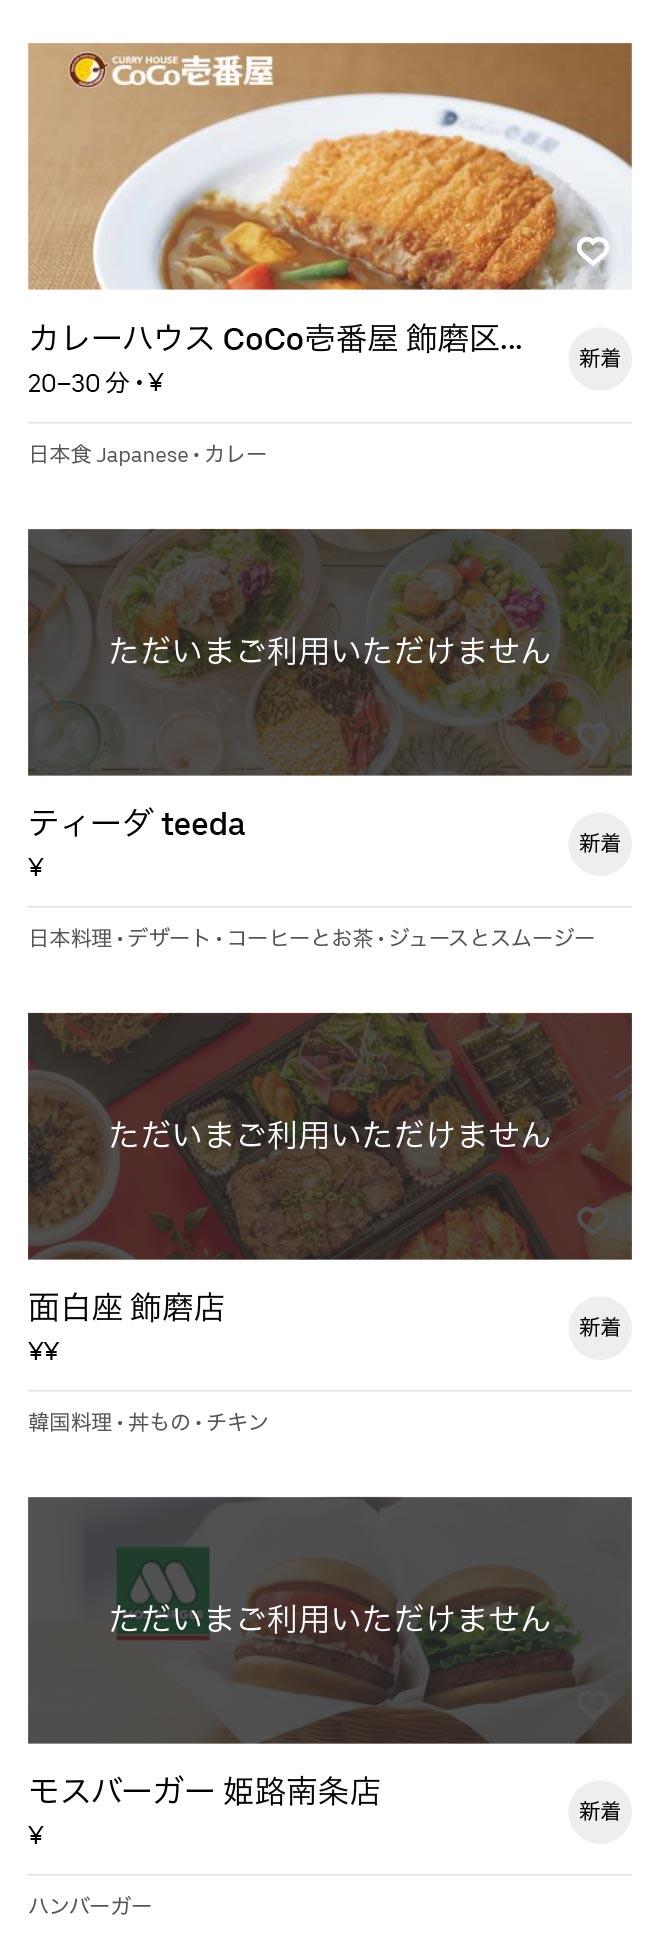 Shikama menu 2007 06